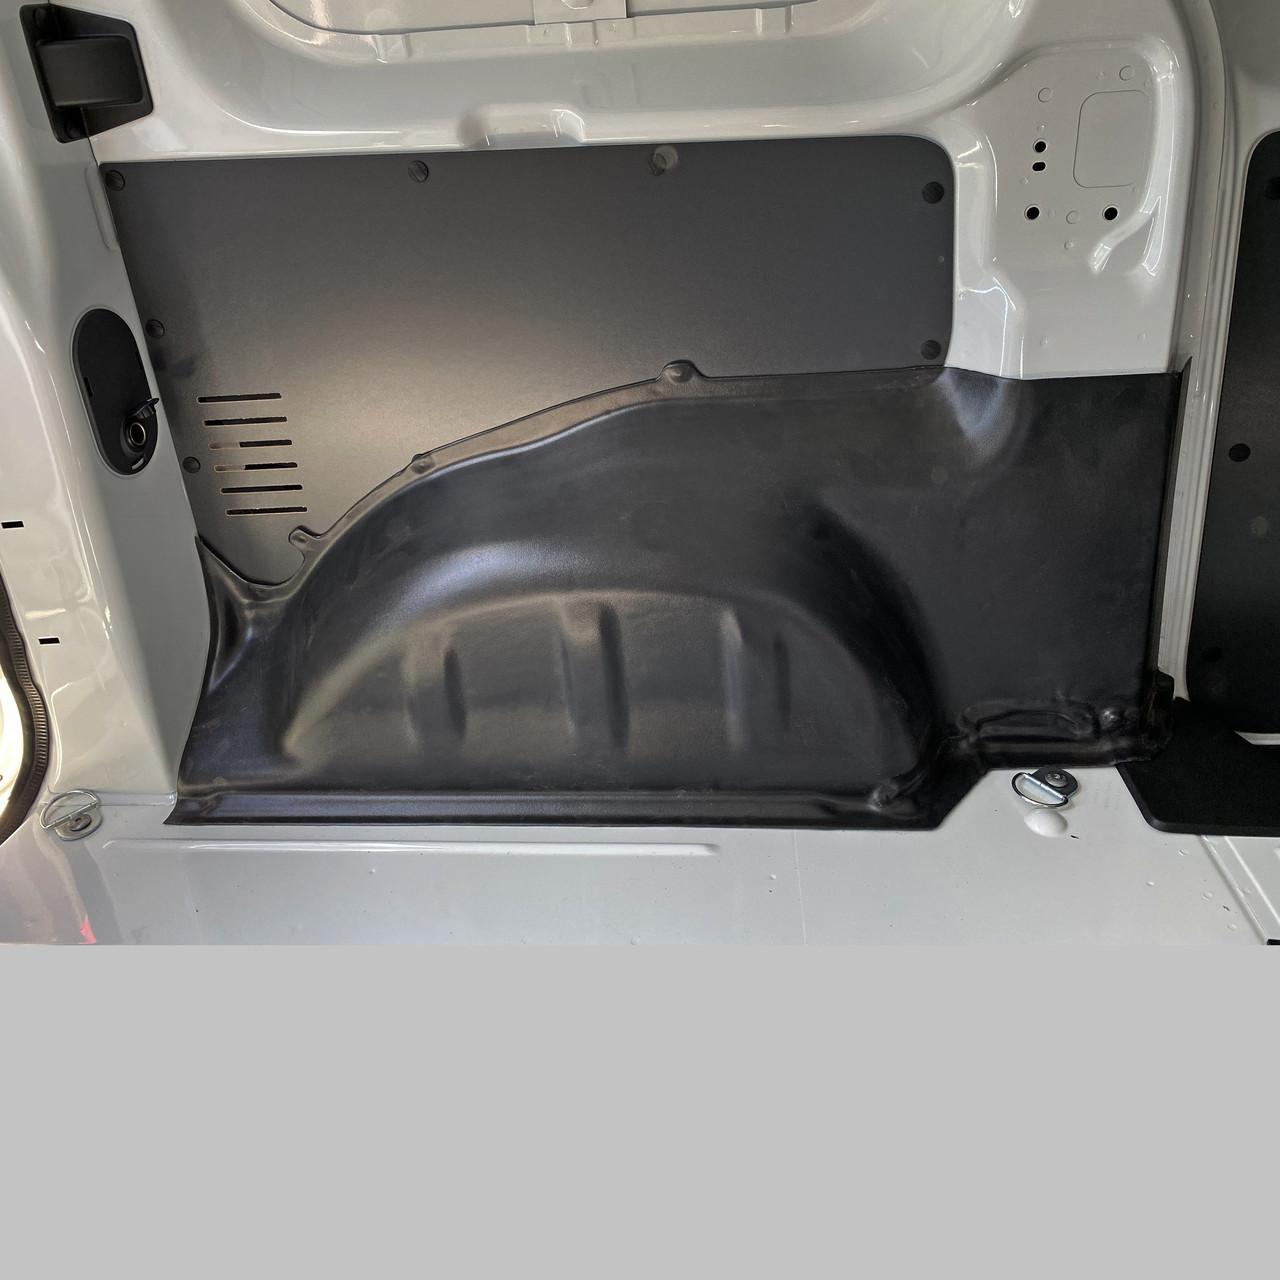 Пластиковые защитные накладки на внутренние колесные арки для Citroen Jumpy III XS (4.6m), M (4.95m) 2016+